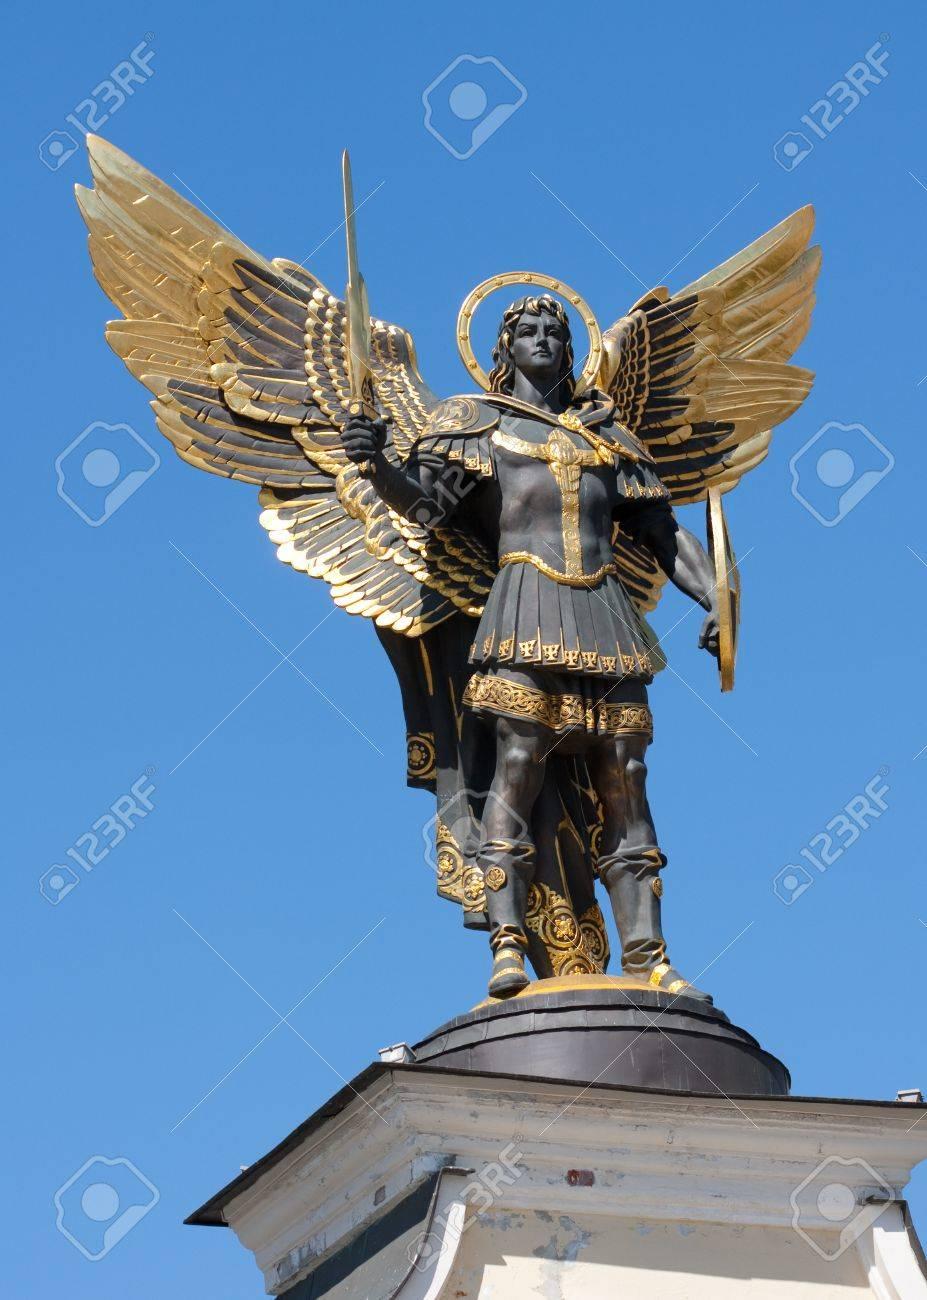 Archangel Michael in Kiev - 8842200